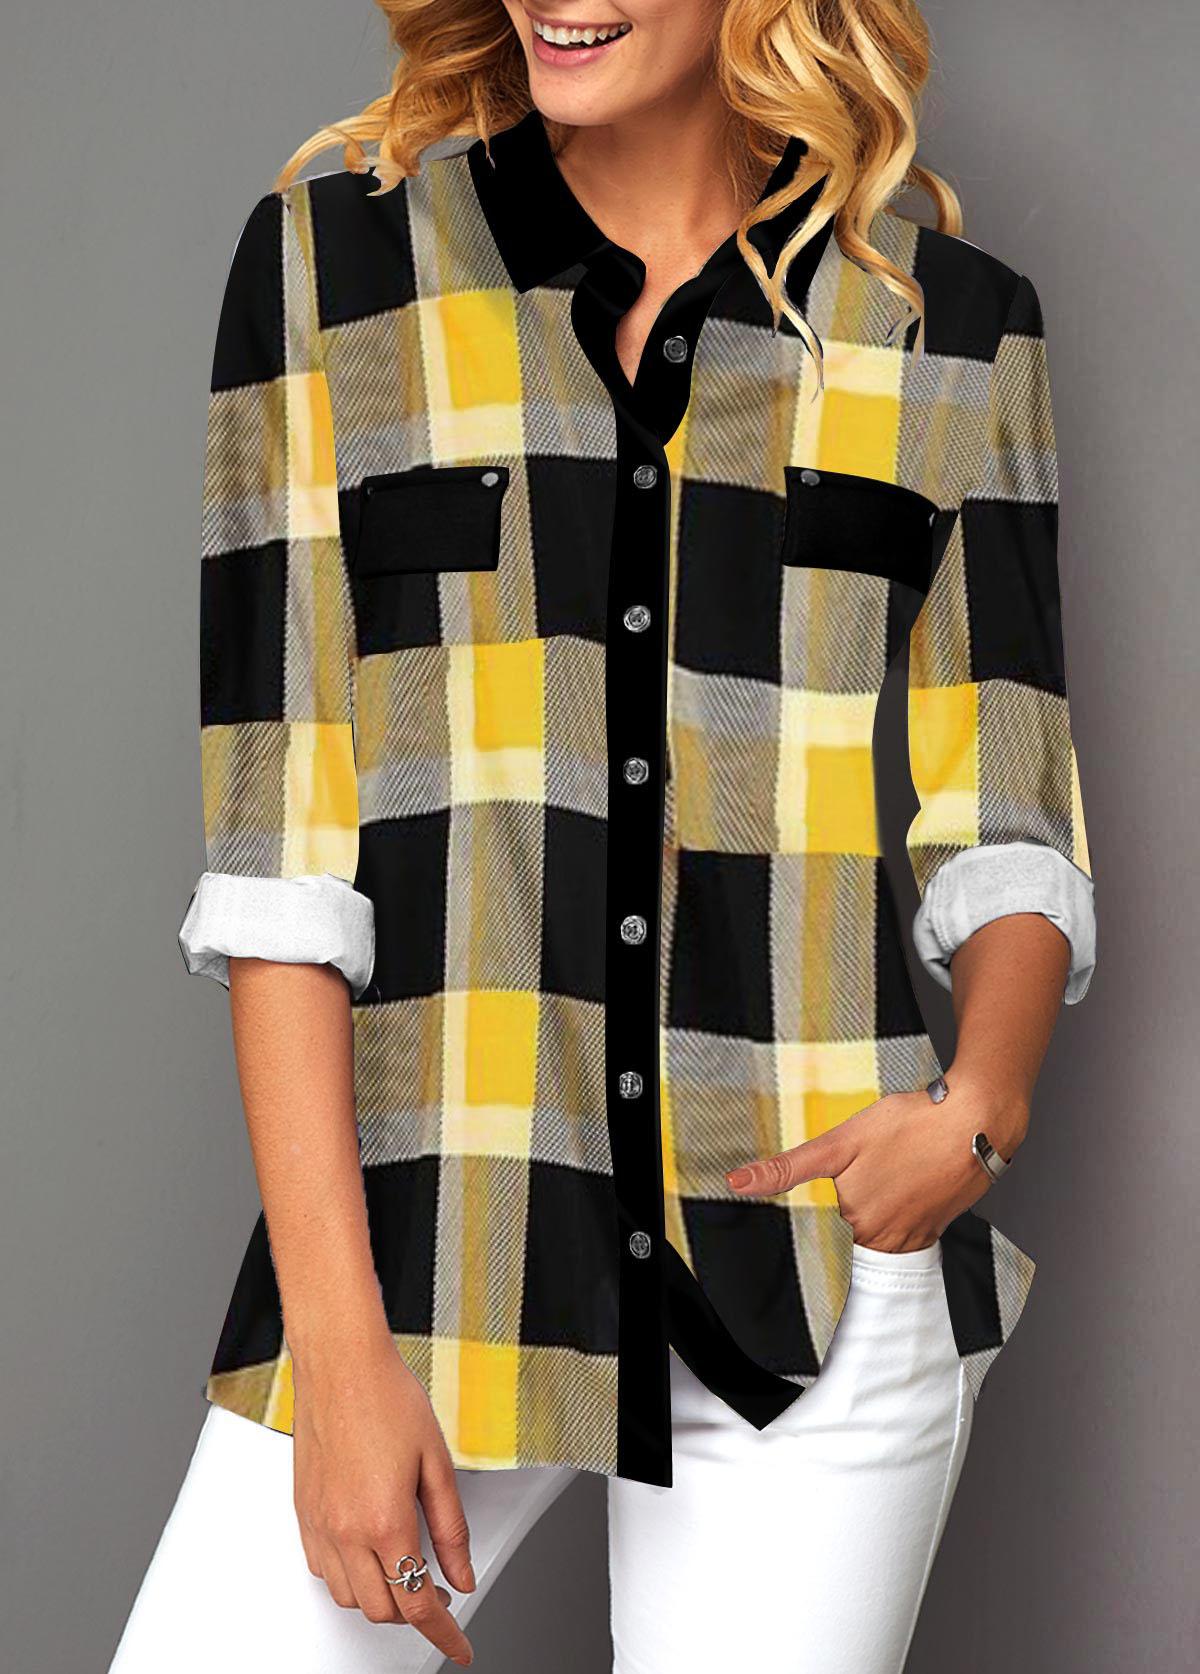 Plaid Print Turndown Collar Button Up Shirt